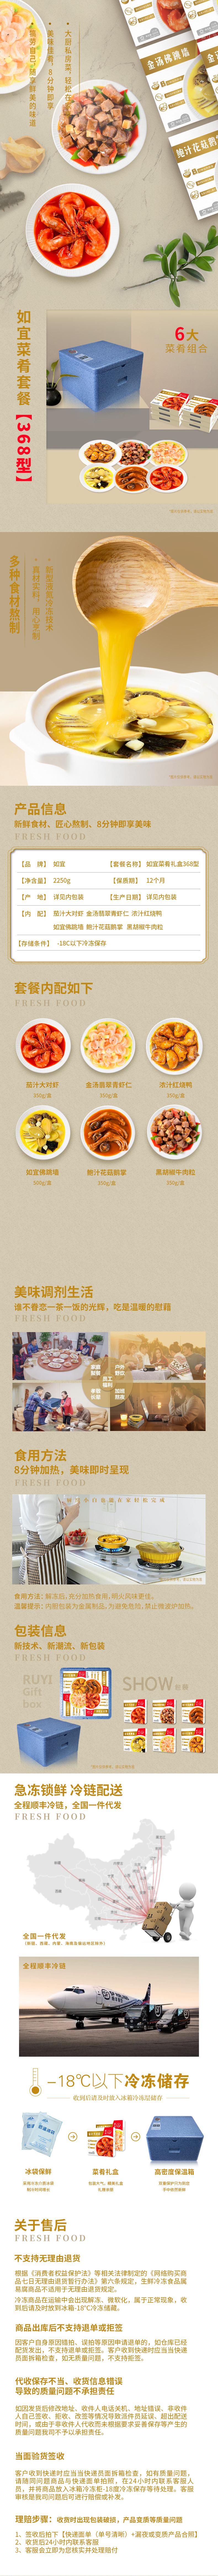 如宜菜肴礼盒368型.jpg